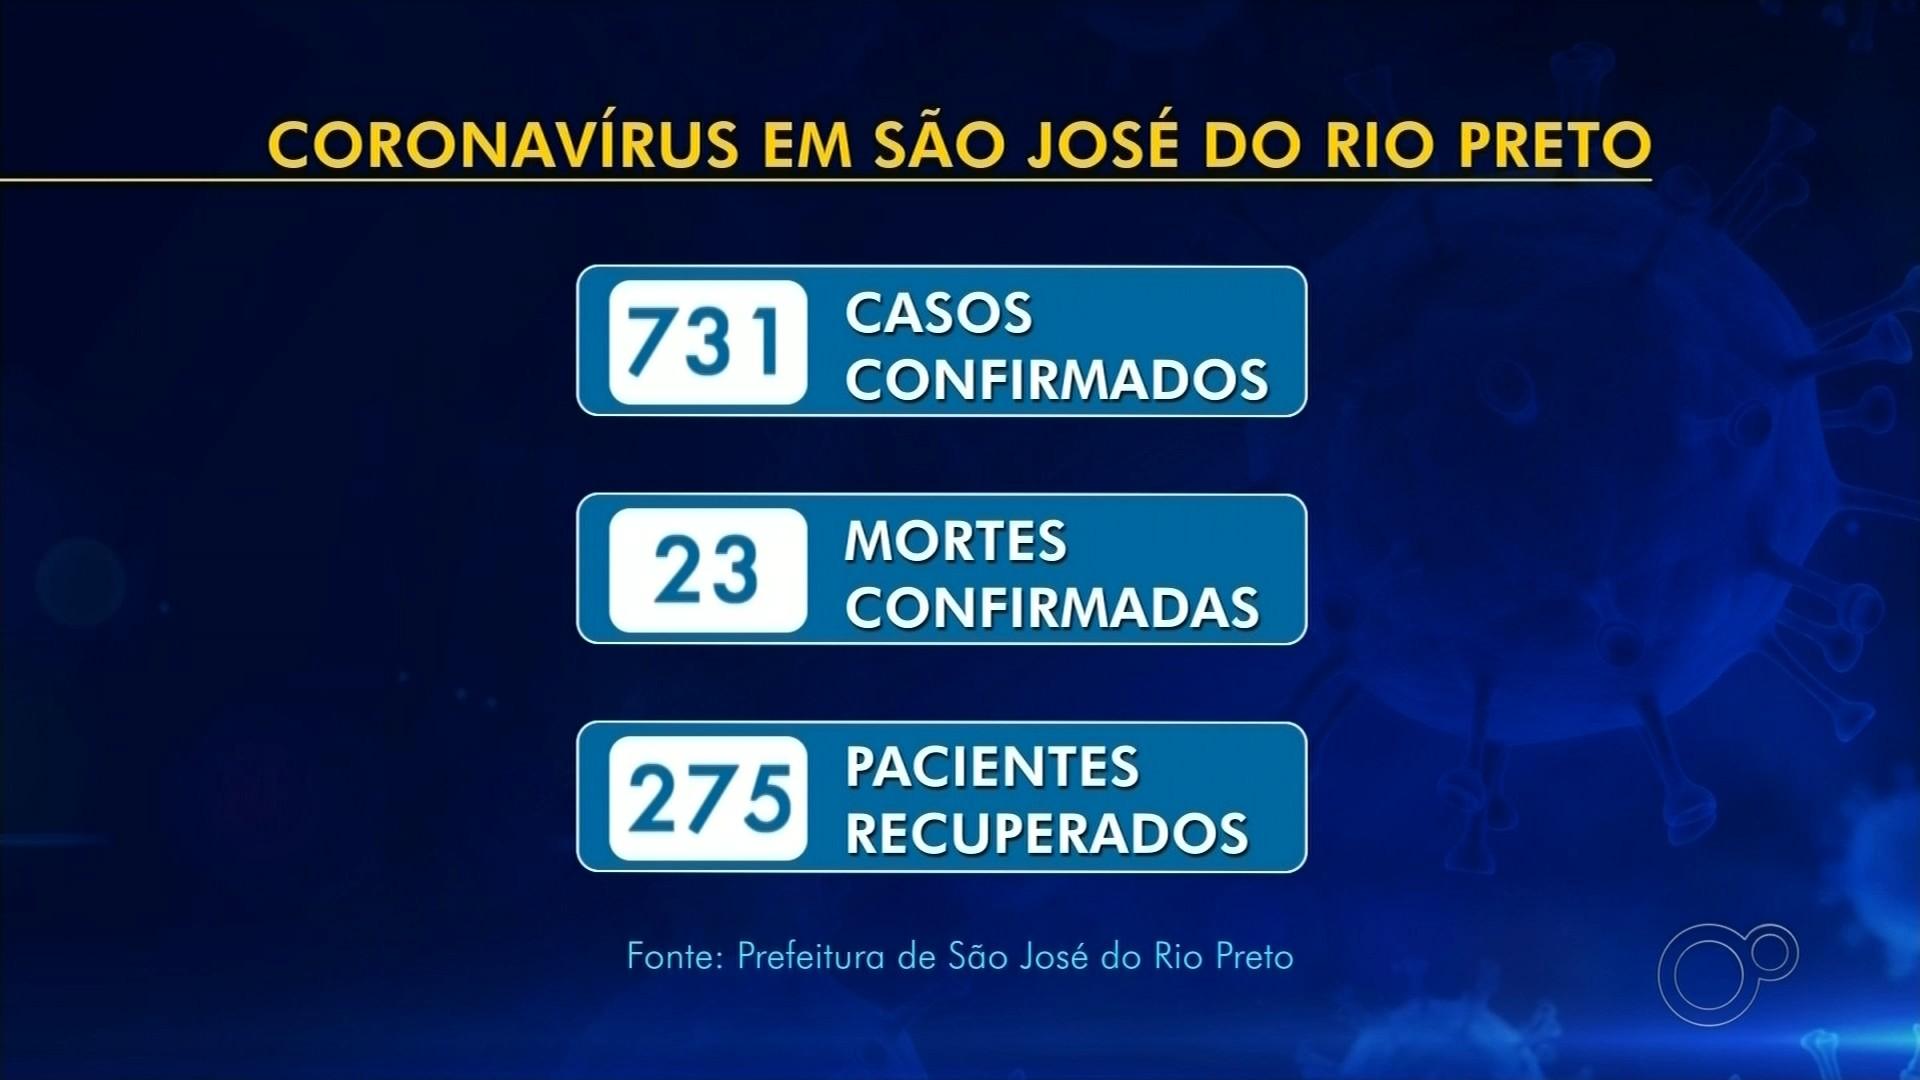 VÍDEOS: TEM Notícias 2ª edição de Rio Preto e Araçatuba desta terça-feira, 2 de junho